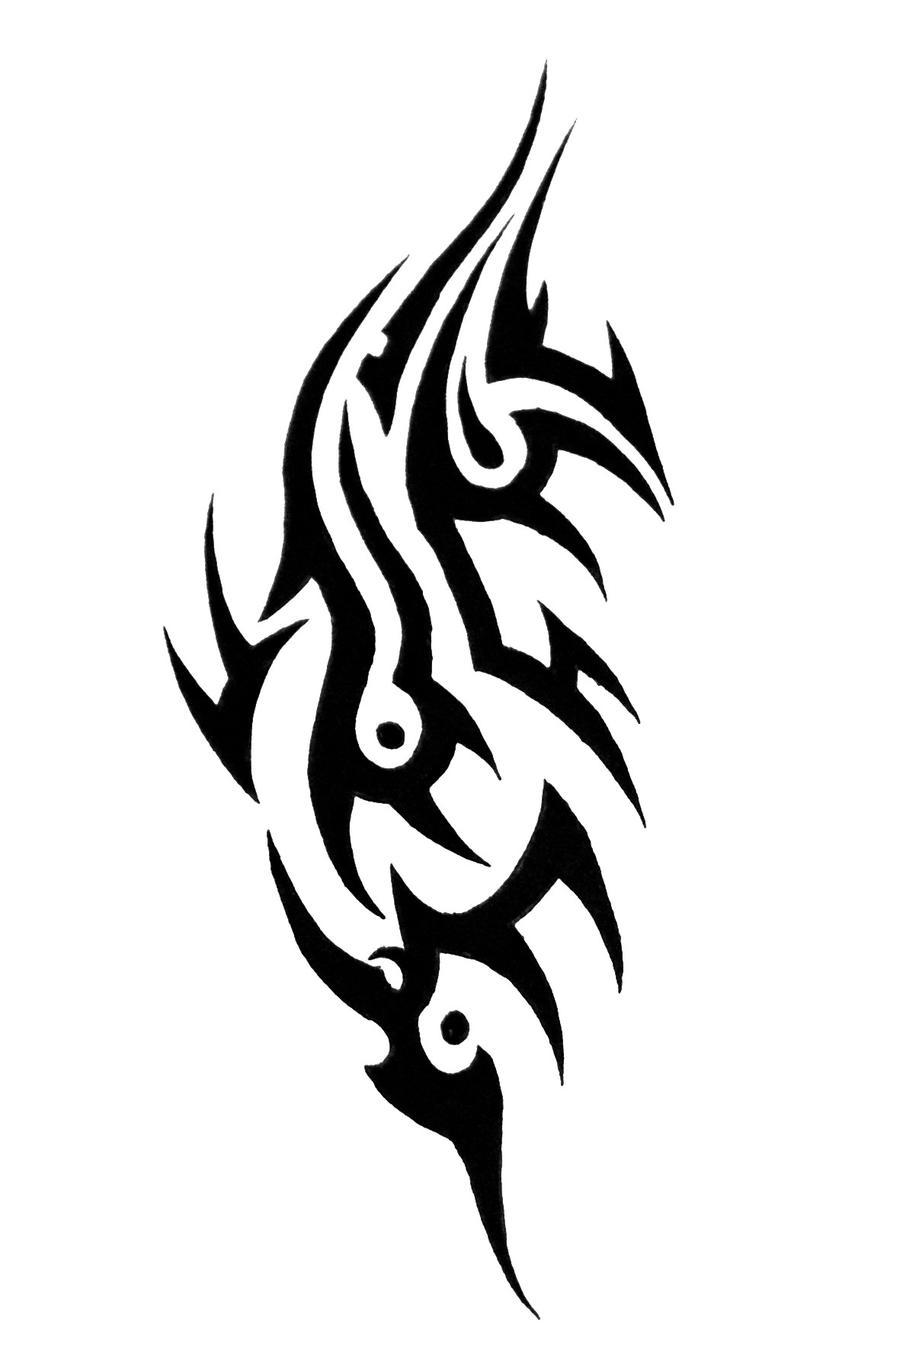 tribal shoulder tattoo8 by sorentalon on deviantart. Black Bedroom Furniture Sets. Home Design Ideas